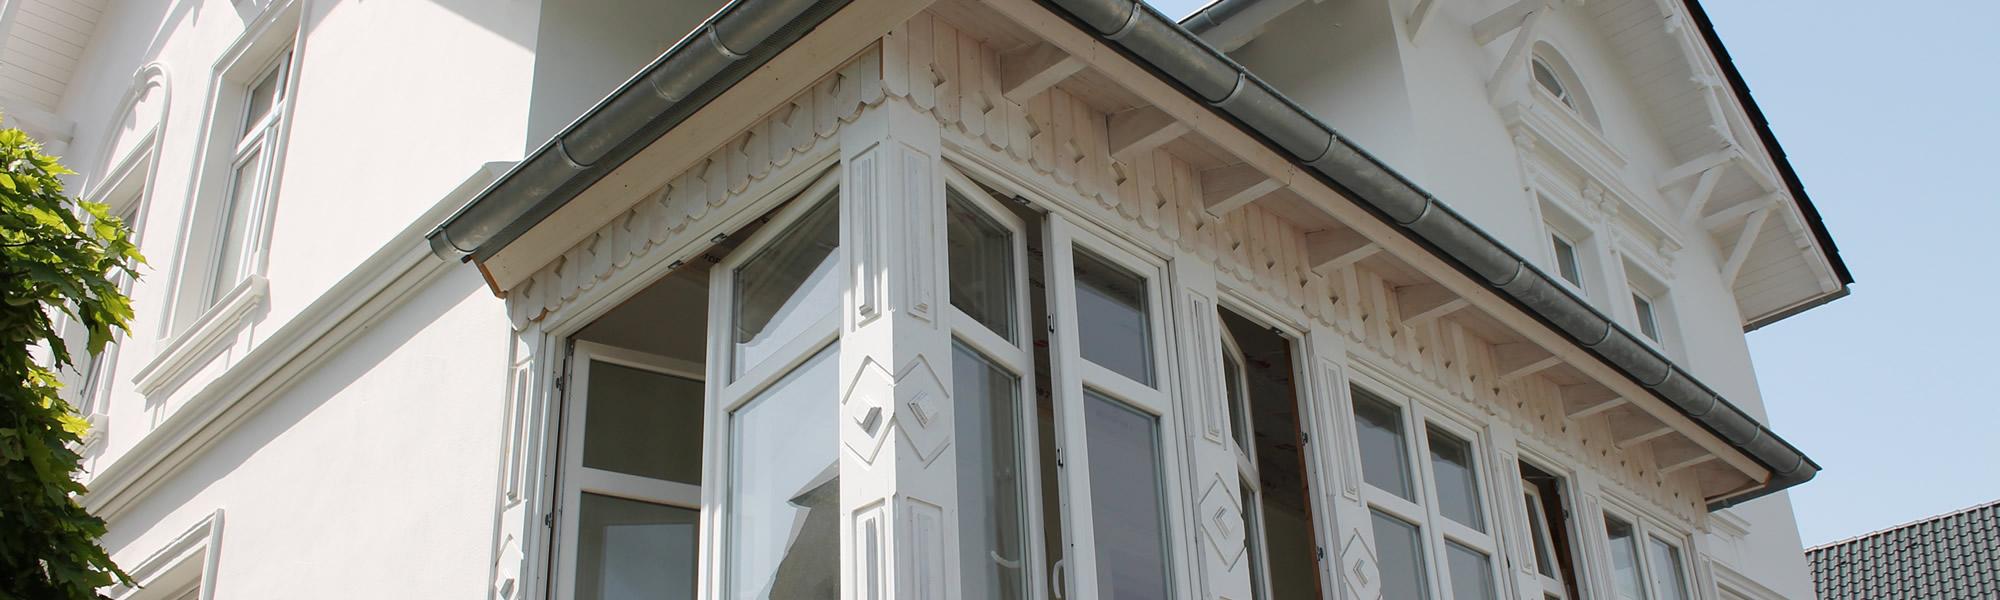 Fassadenverkleidung & -arten - MVS Bau GbR